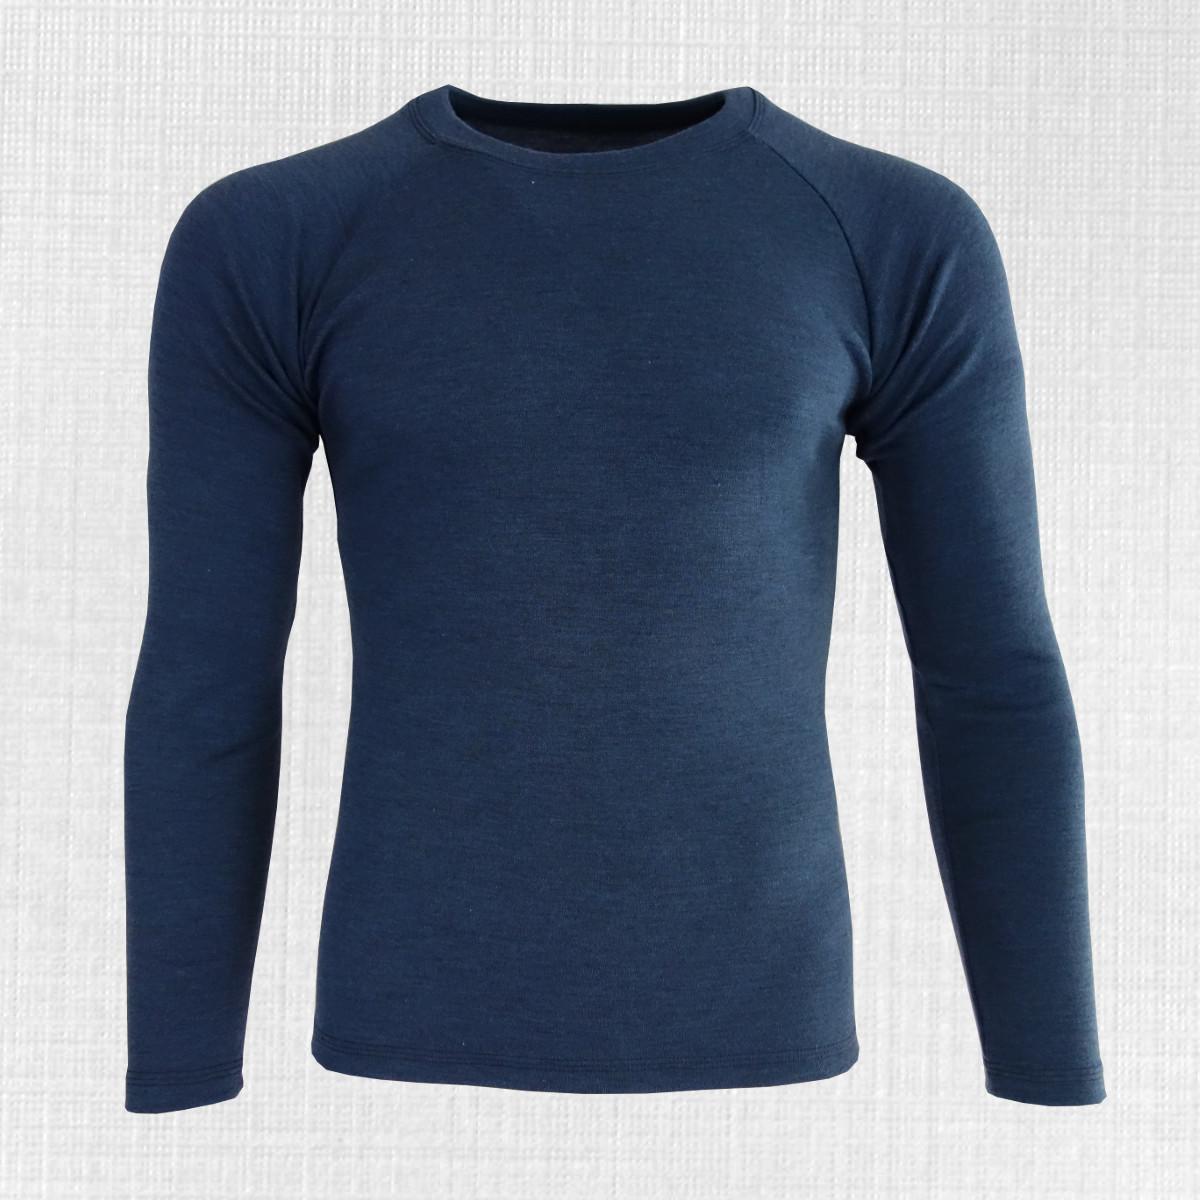 9e9719f96cdd Pánske termo merino tričko Liesek